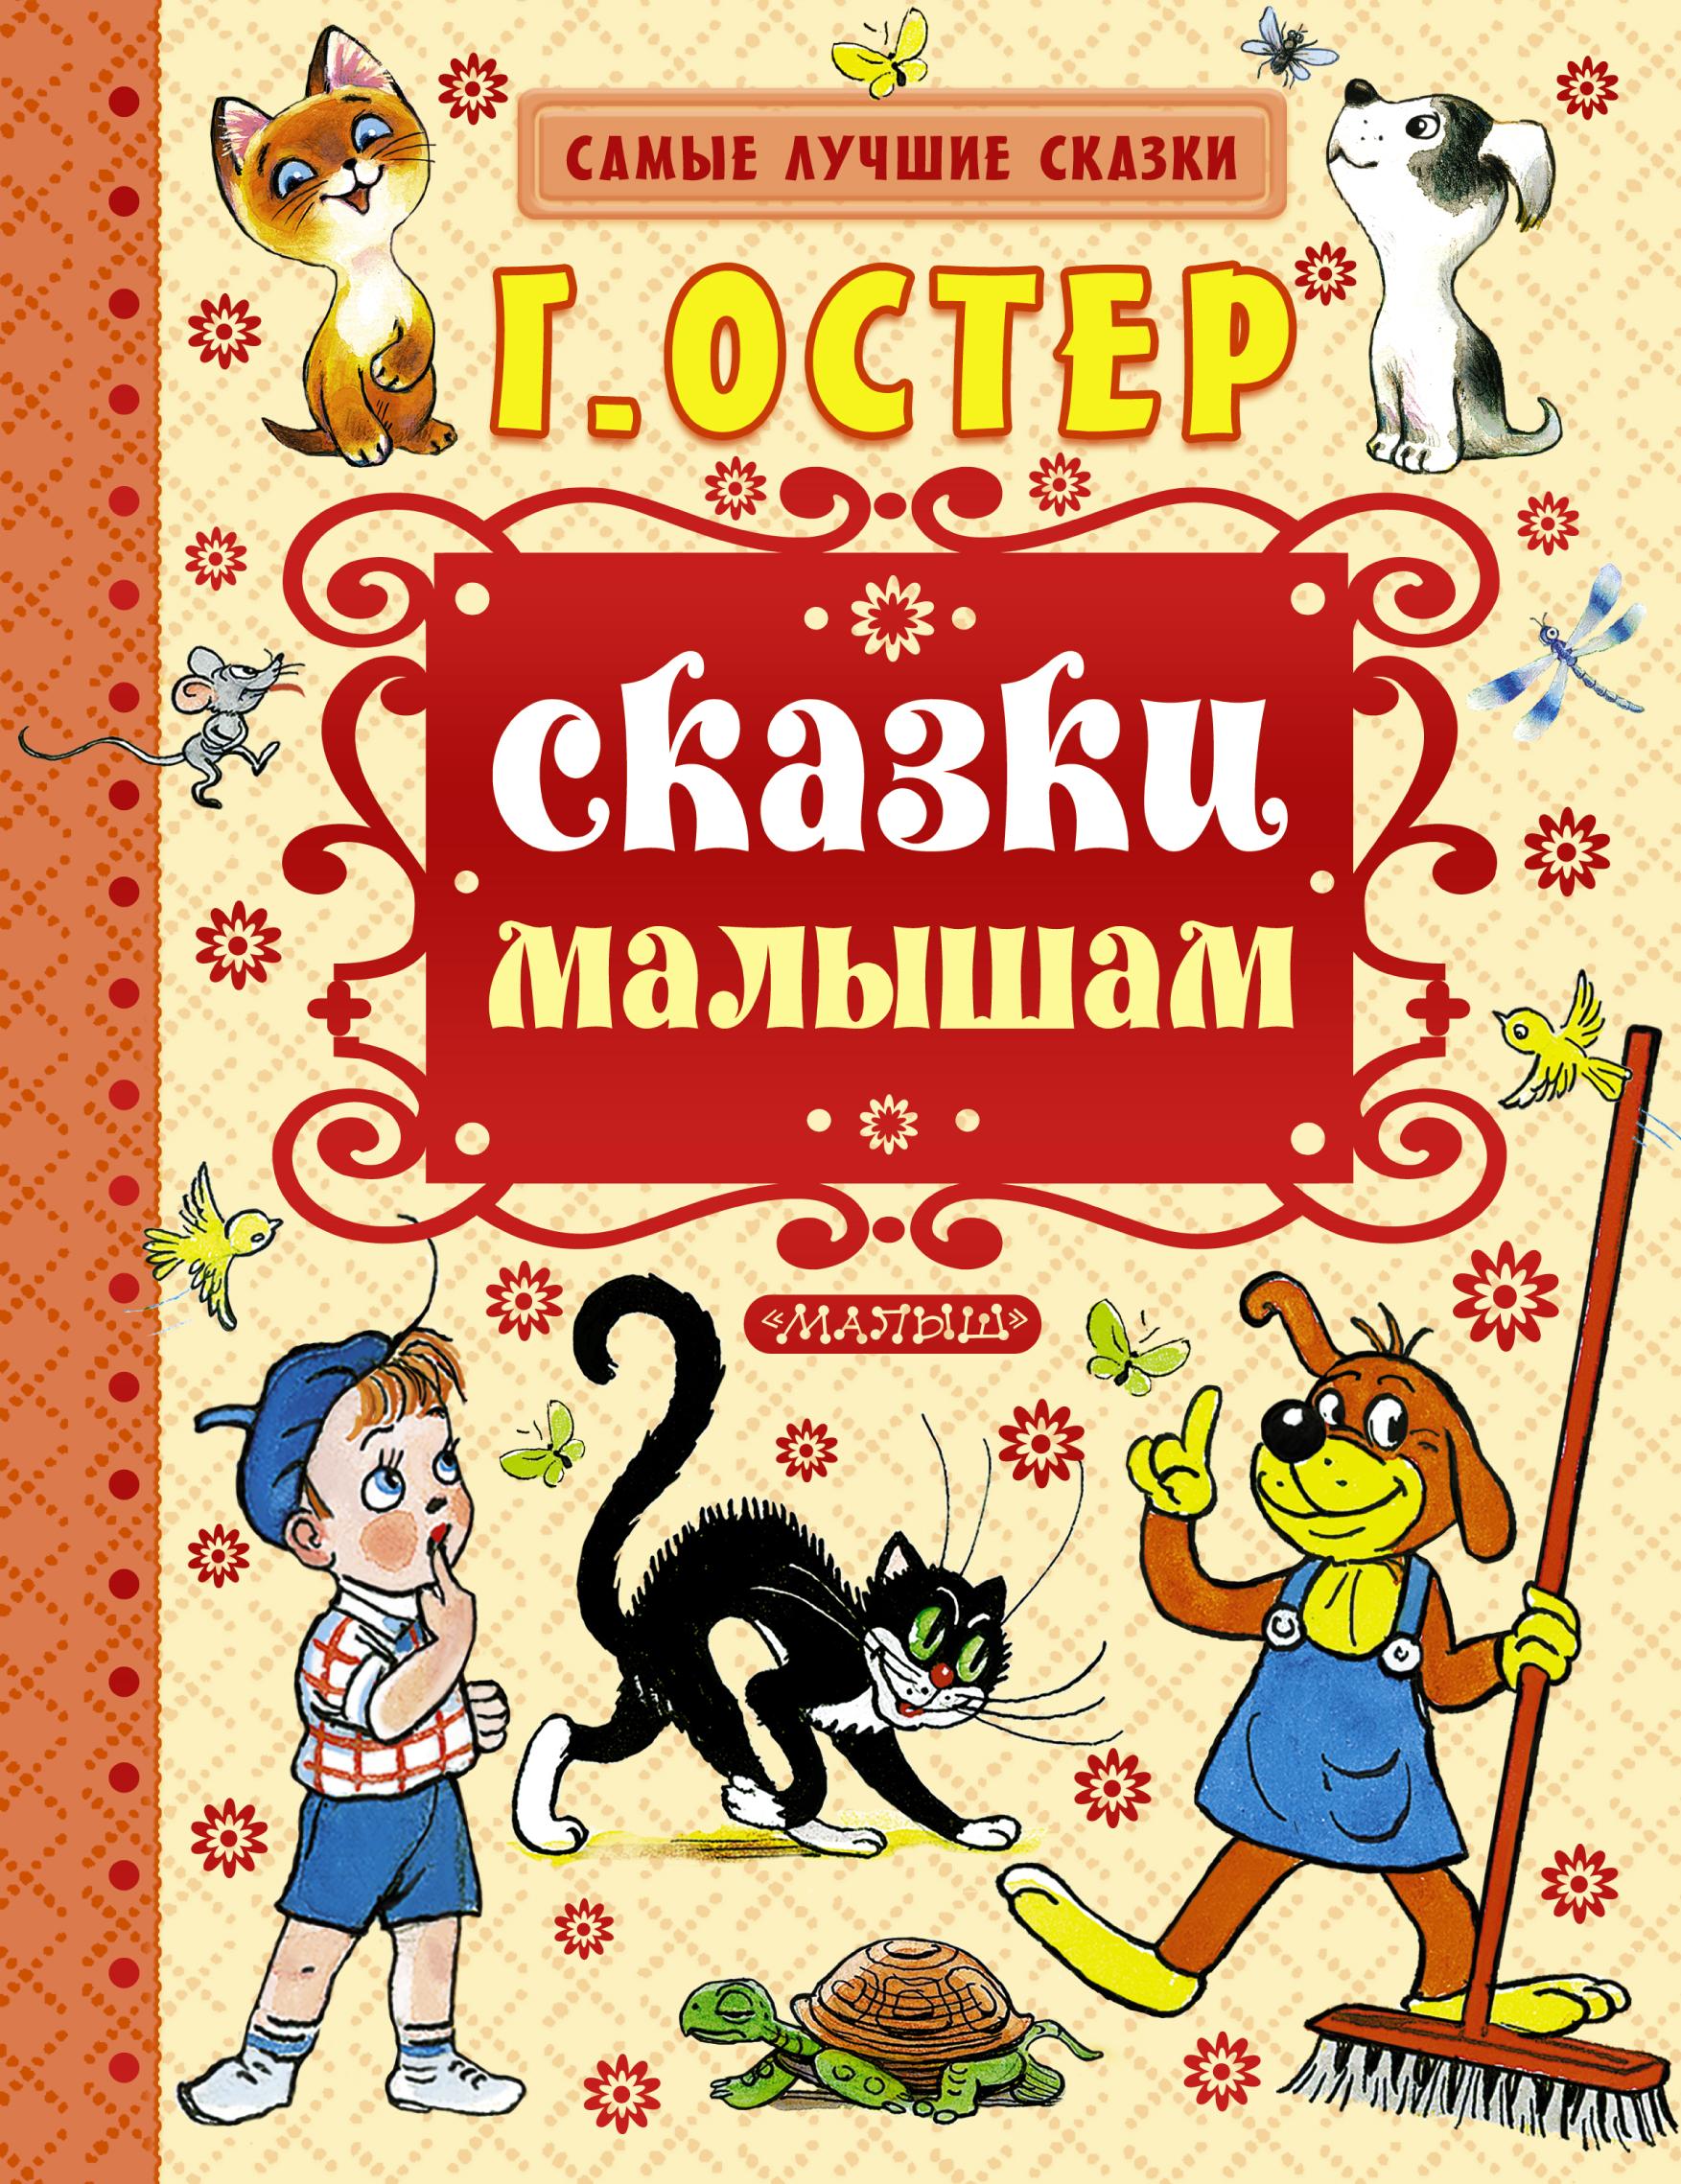 Купить Сказки малышам, Григорий Остер, 978-5-17-089609-7